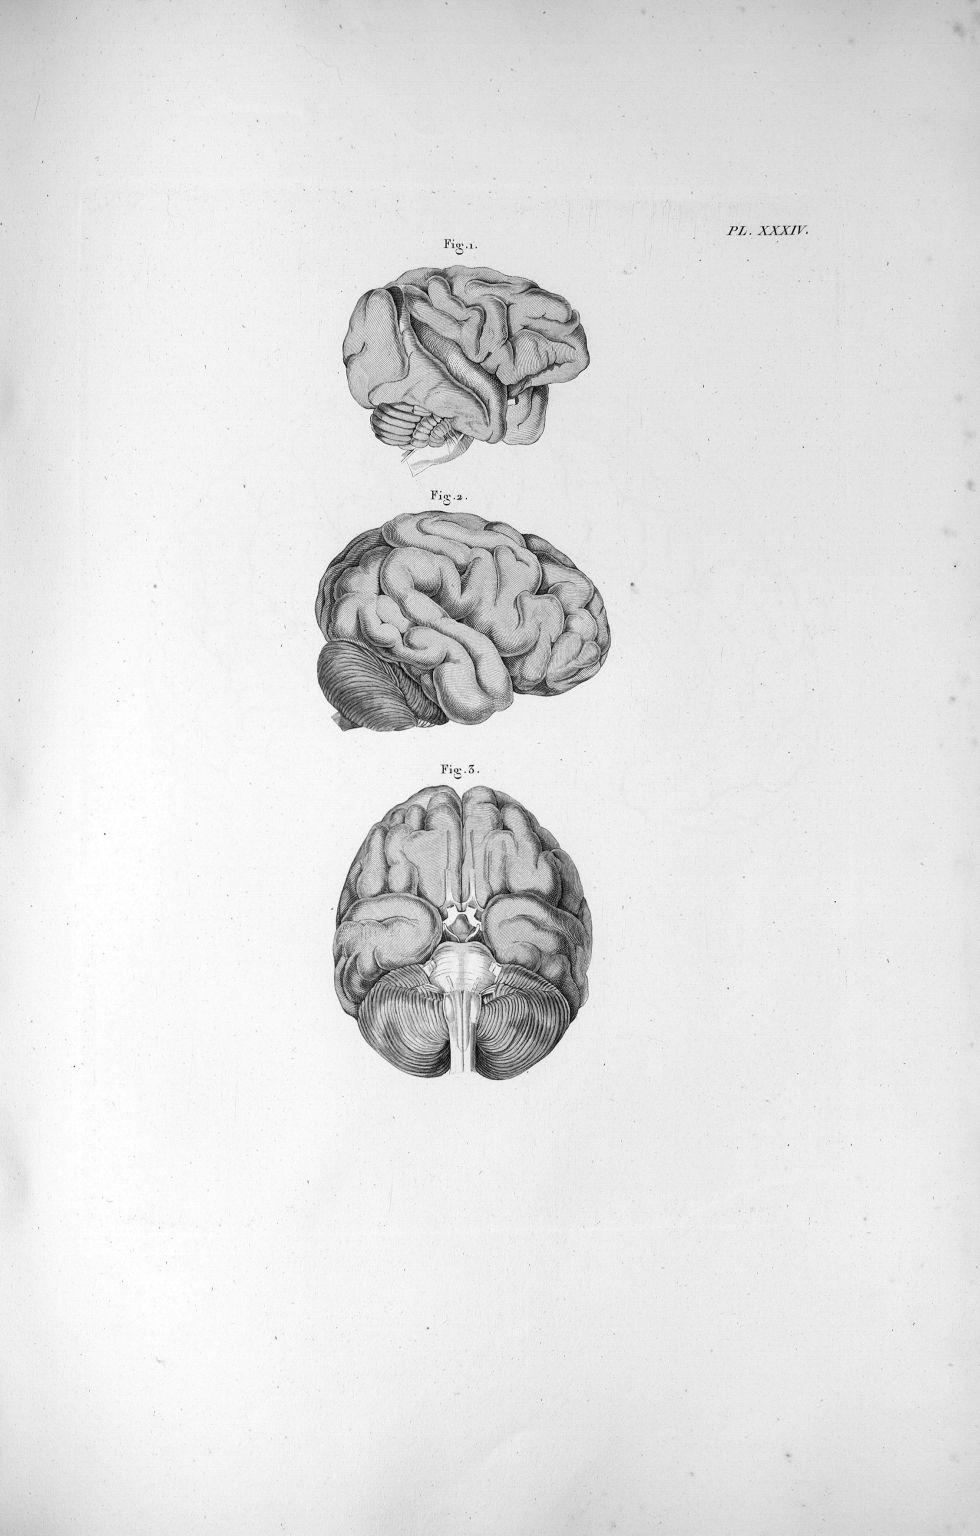 Pl. XXXIV. Fig. 1. Cerveau du singe (Rhésus-patas) / Fig. 2. Cerveau de l'orang-outang, vu de côté / [...] - Anatomie. Neurologie. Cerveaux. Animal, animaux. 19e siècle (France) - med00575xatlasx0044